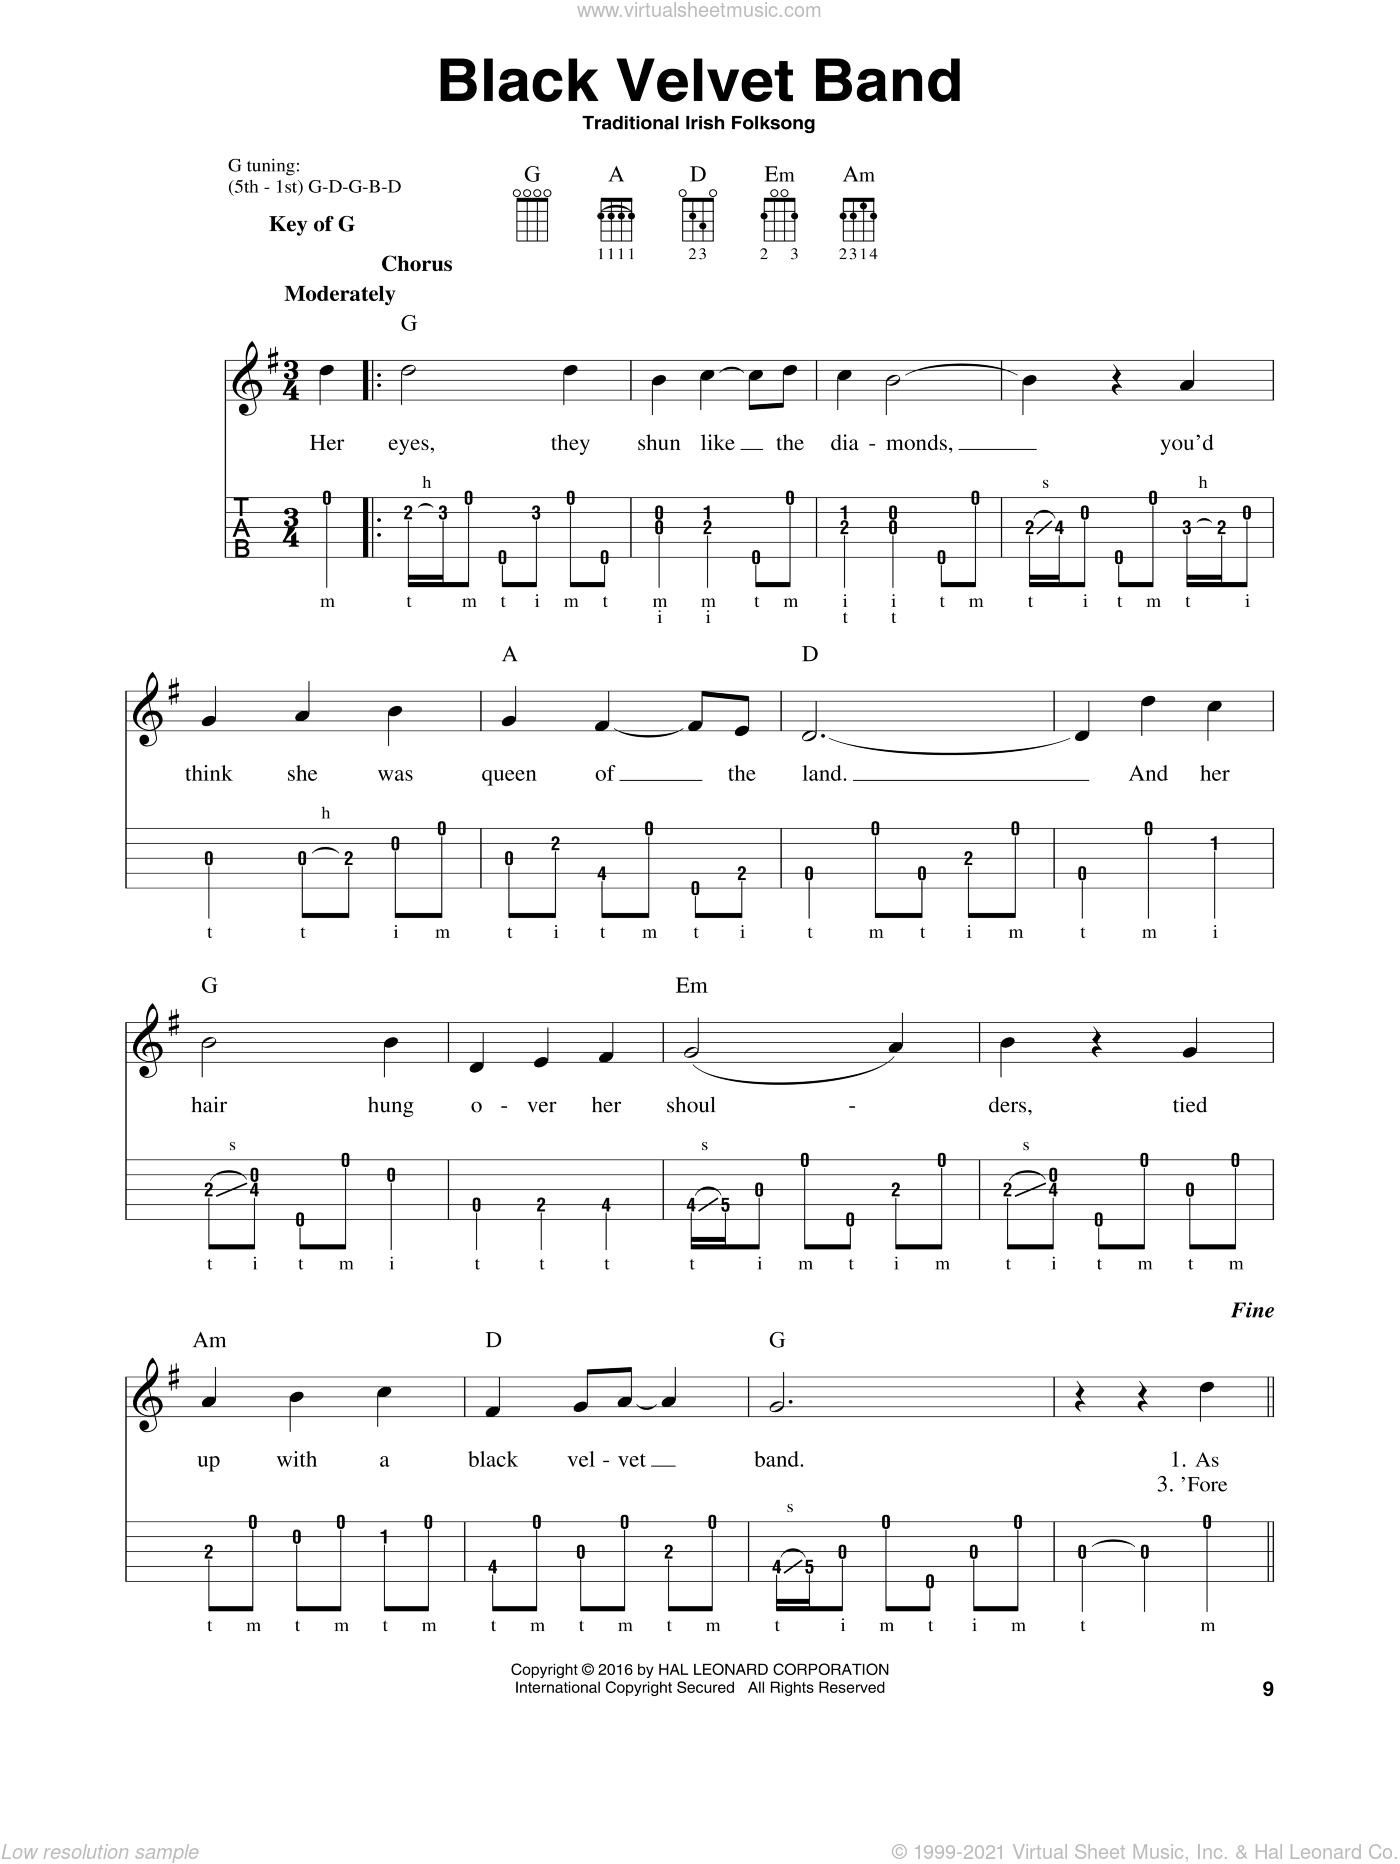 Black Velvet Band Sheet Music For Banjo Solo Pdf